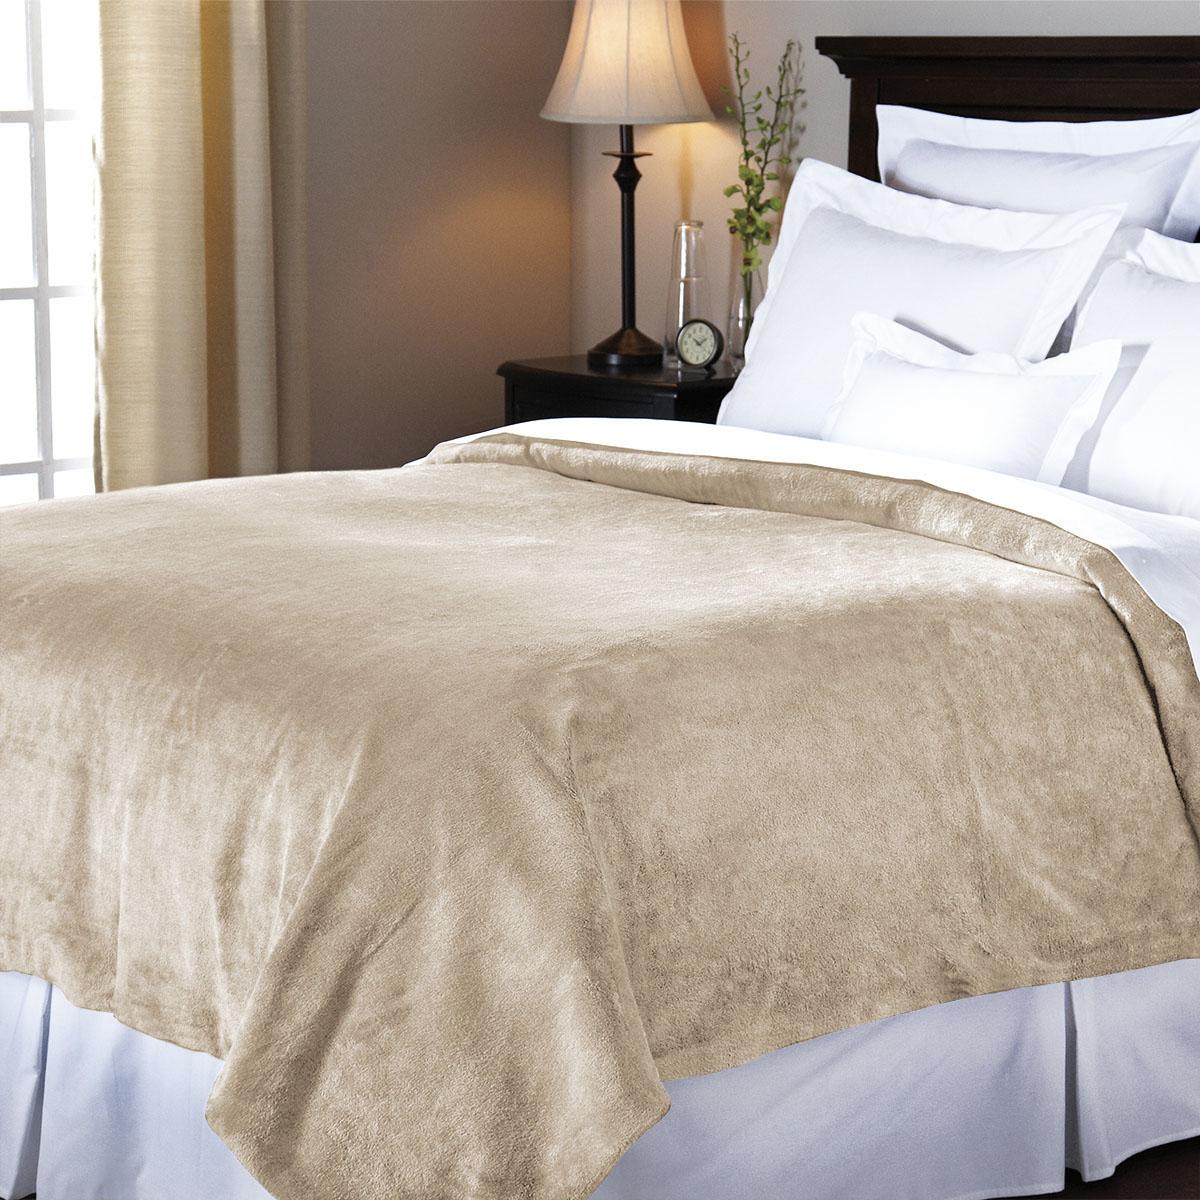 couverture chauffante lectrique pour 2 personnes comparatif et prix bien dormir. Black Bedroom Furniture Sets. Home Design Ideas